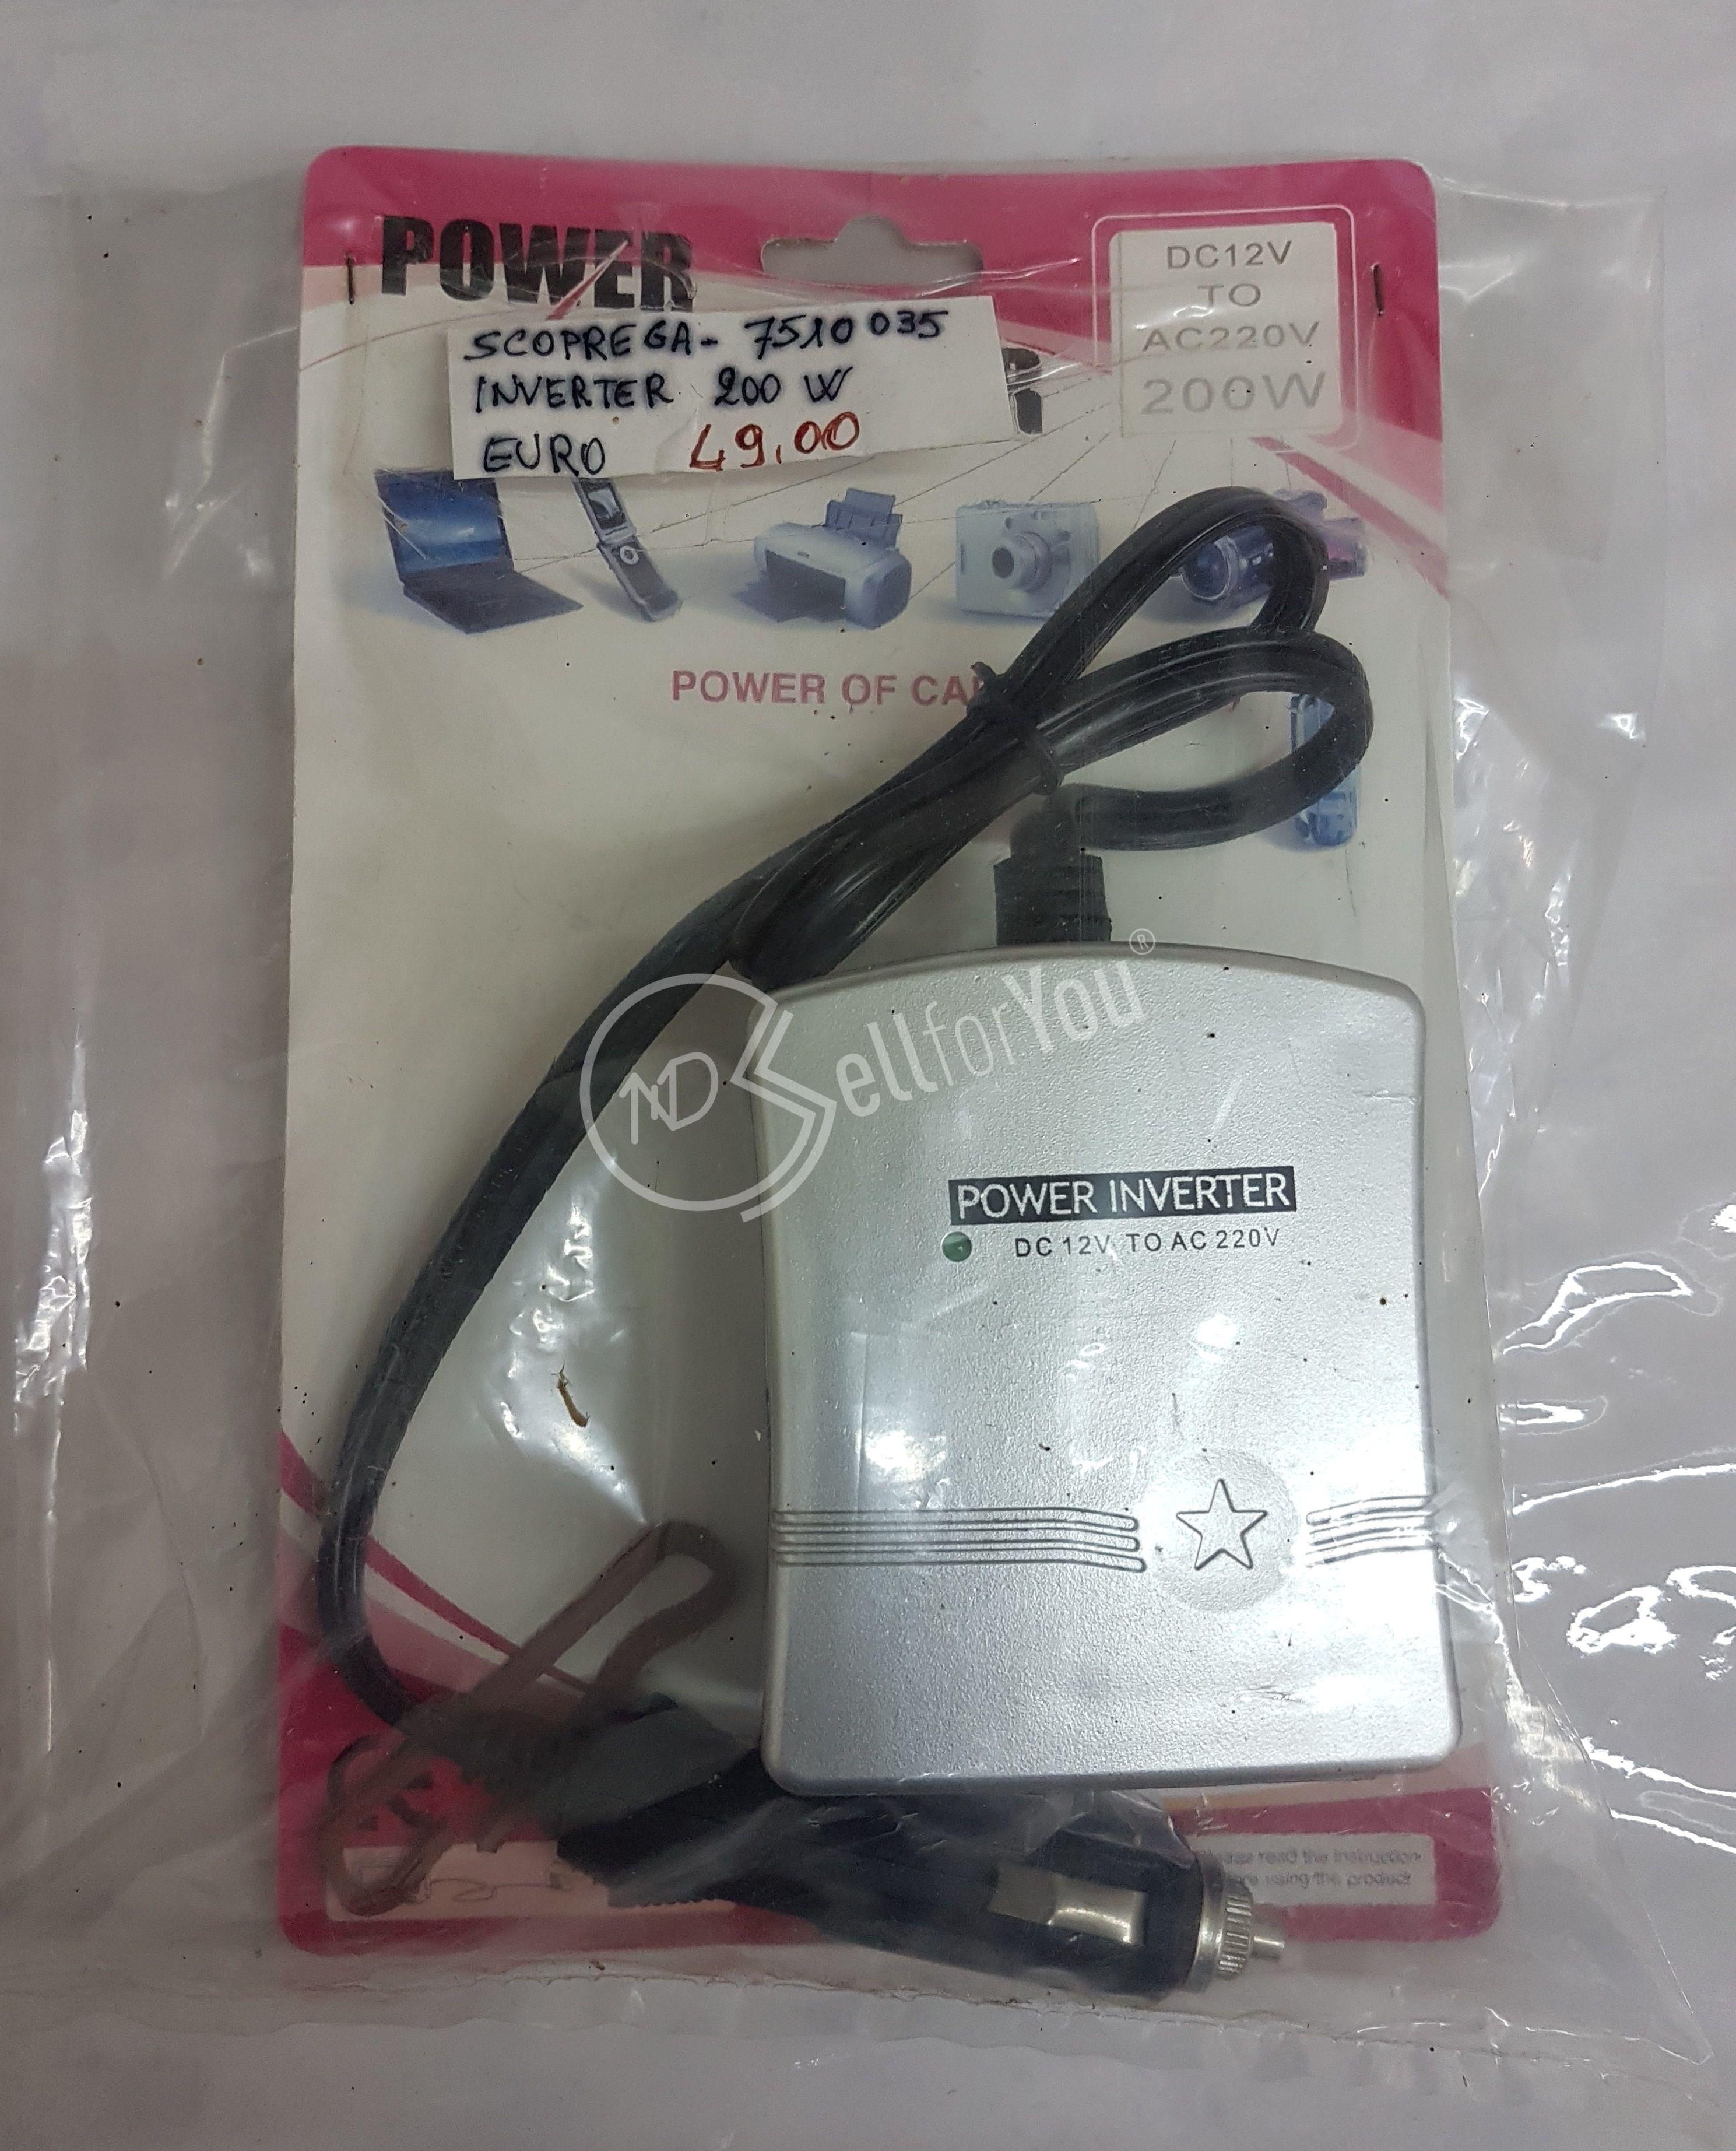 sellforyou immagine default articolo correlato non trovatoPower inverter 200W Scoprega